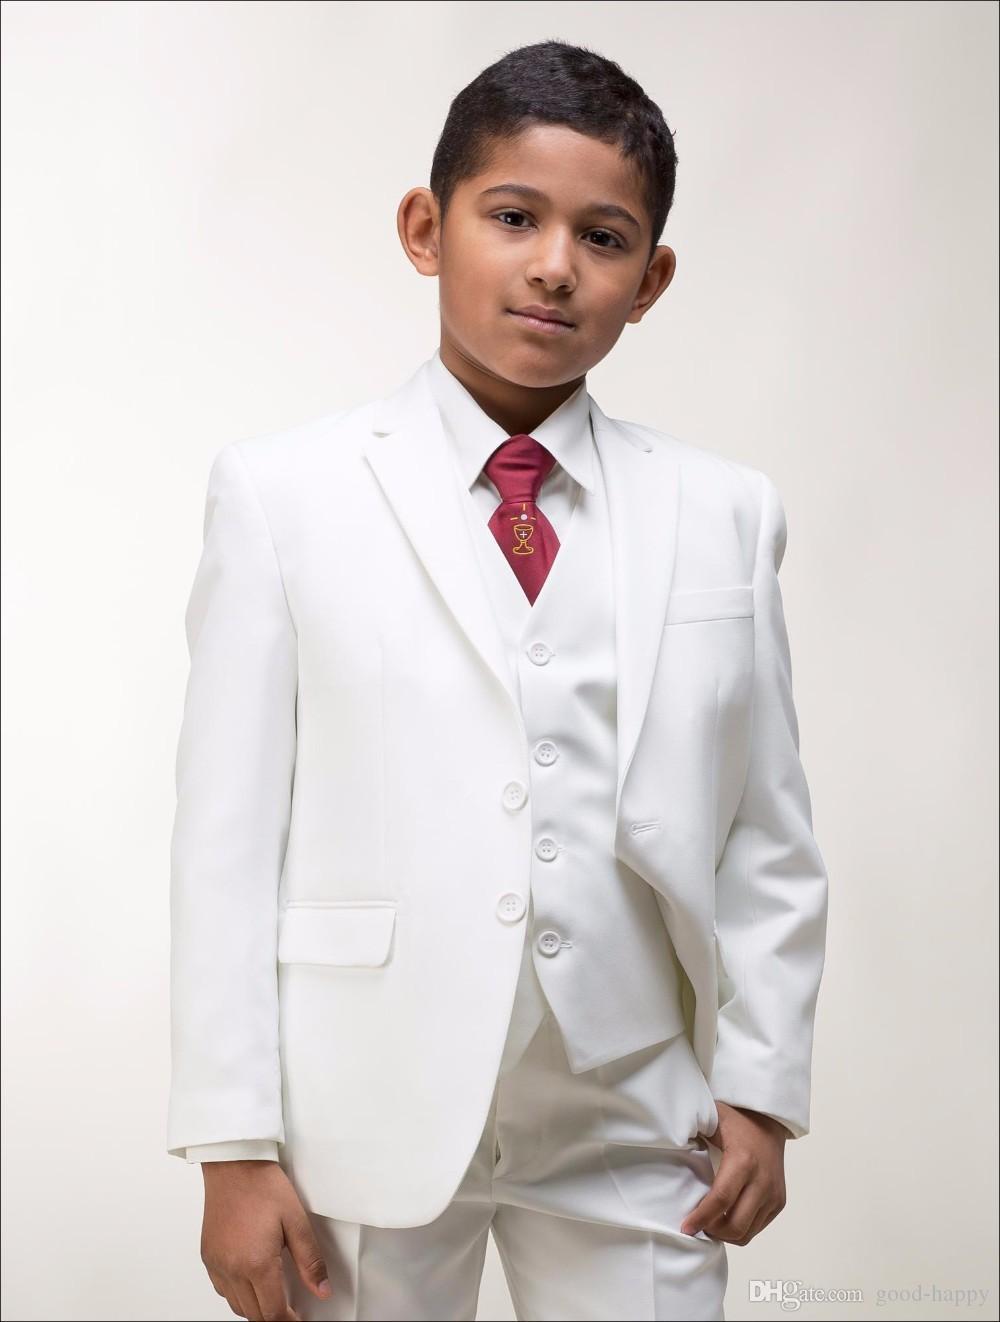 Großhandel New Fashion White Boy Formelle Kleidung Hübscher Junge ...